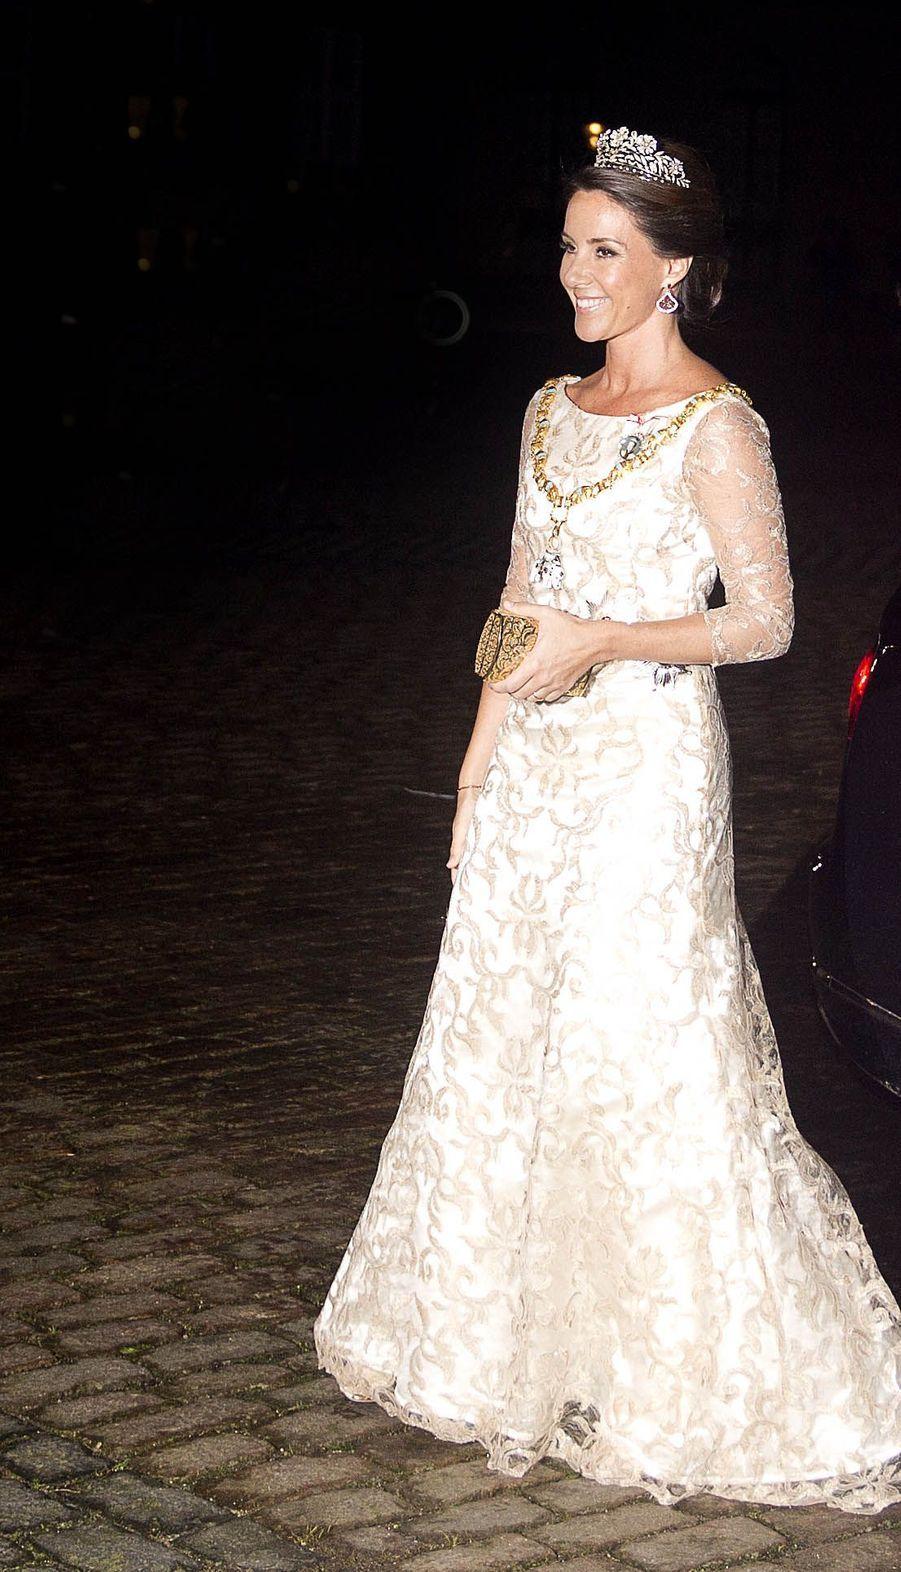 La princesse Marie de Danemark à Copenhague, le 1er janvier 2018